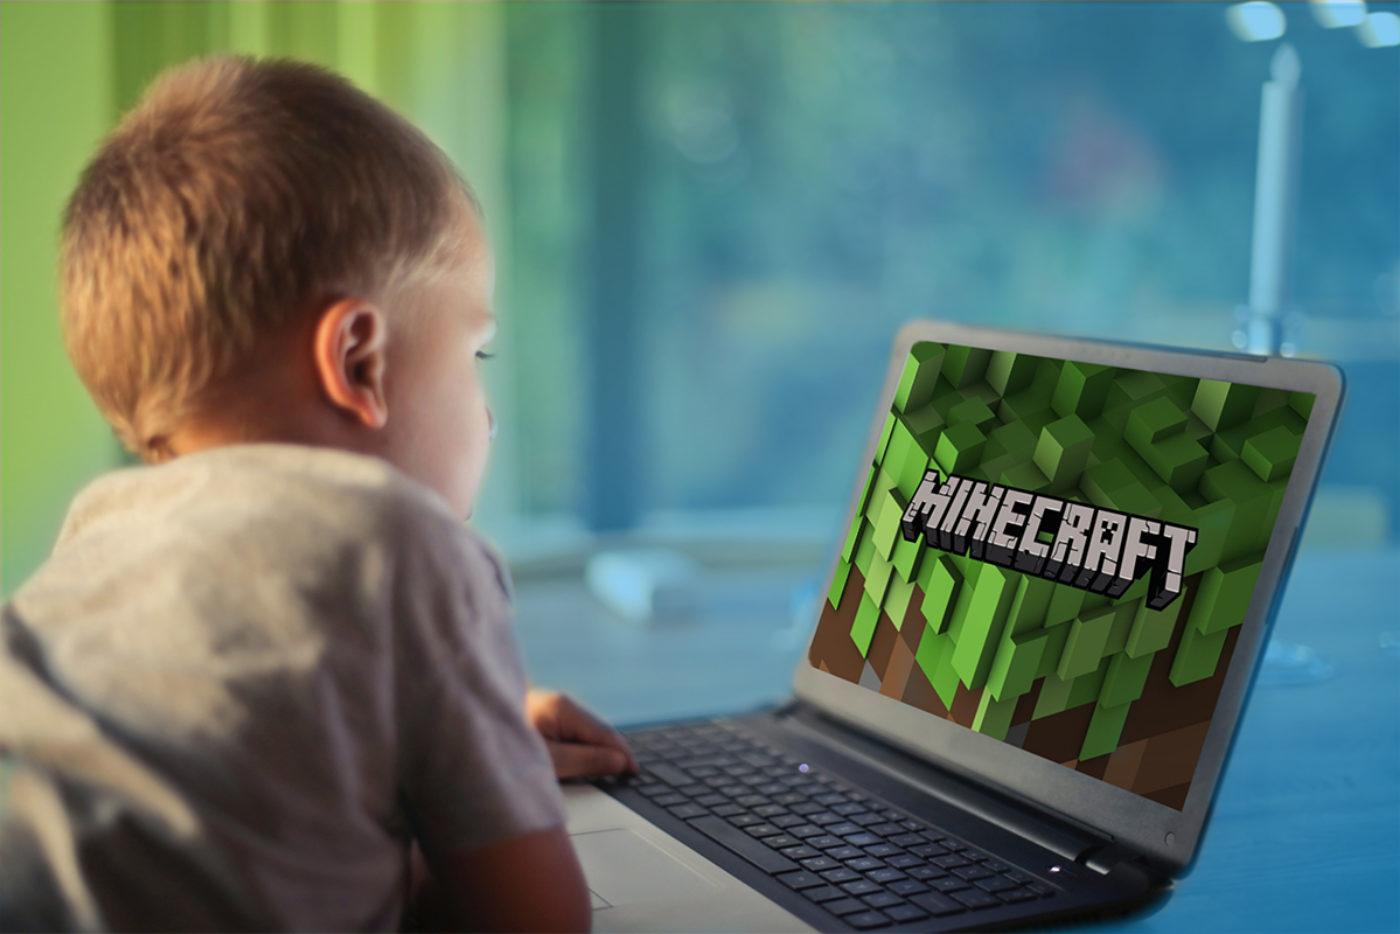 Мероприятия: Открытый урок «Как научить ребёнка программированию с помощью Minecraft?» 20 февраля в Киеве